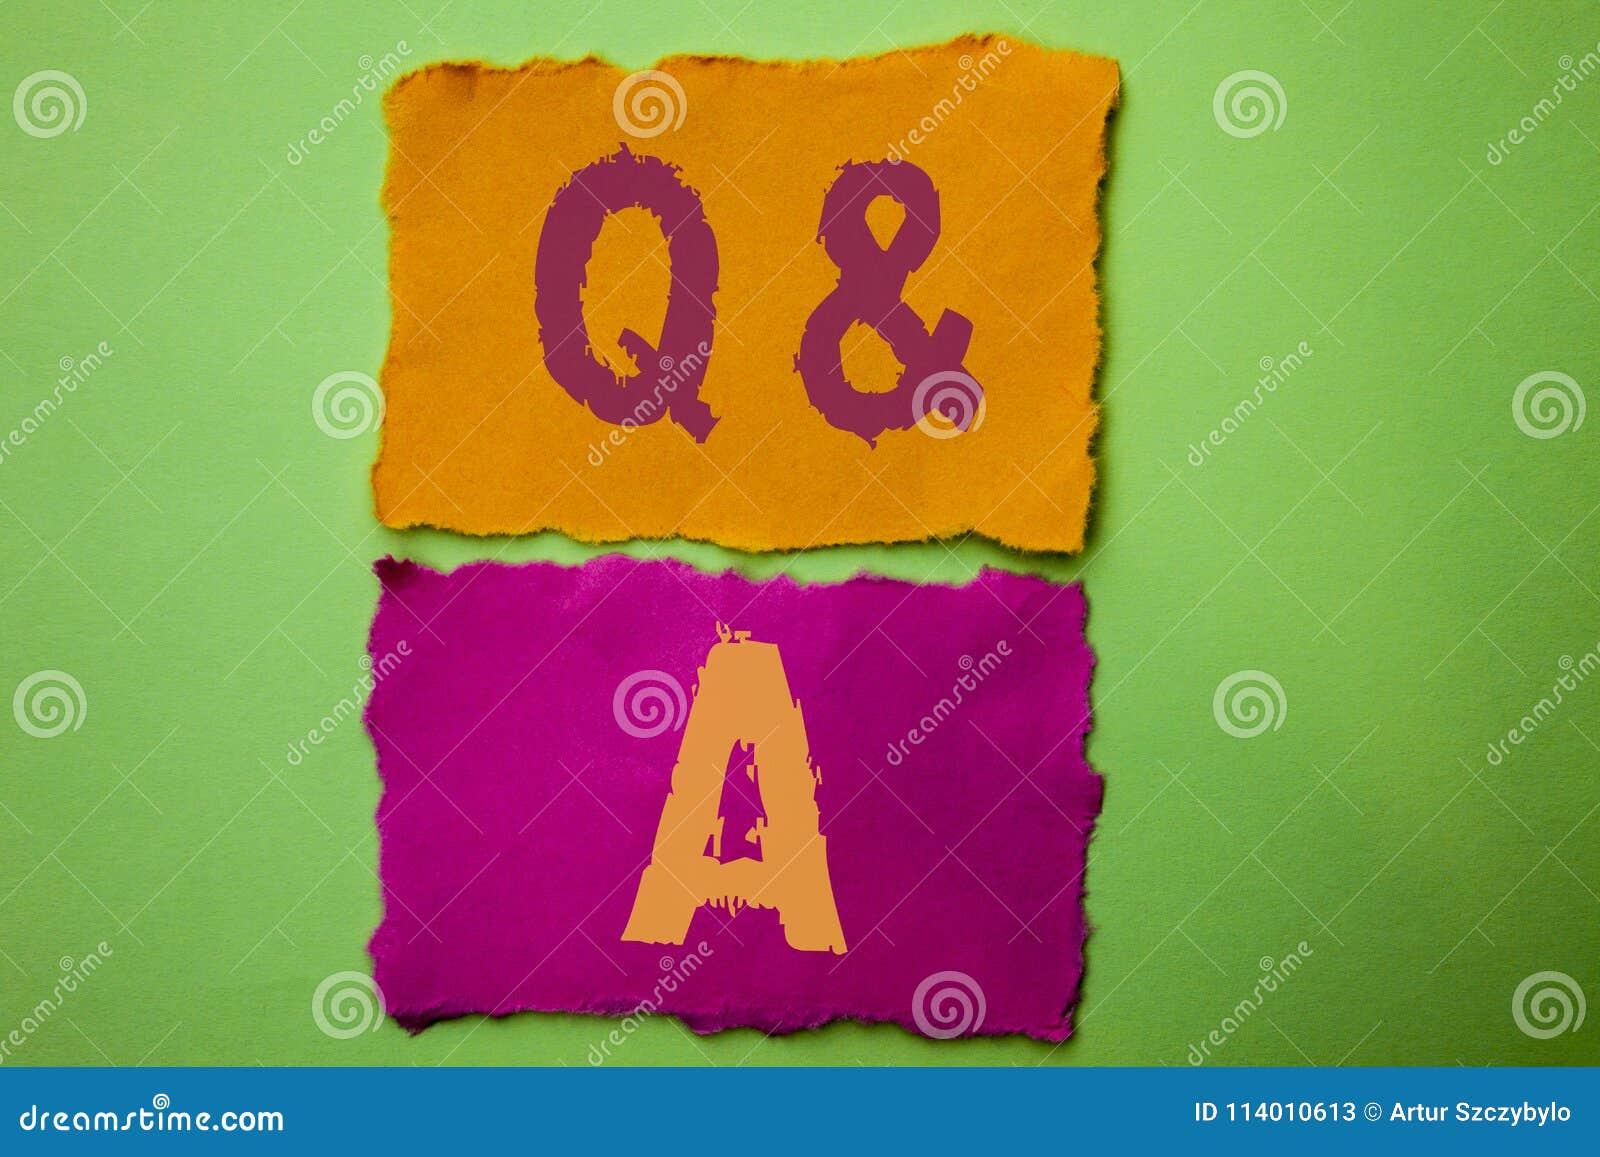 手写文本Q A 概念意思要求常见问题解答常常地要求解决疑义询问支持的问题帮助写在泪花纸